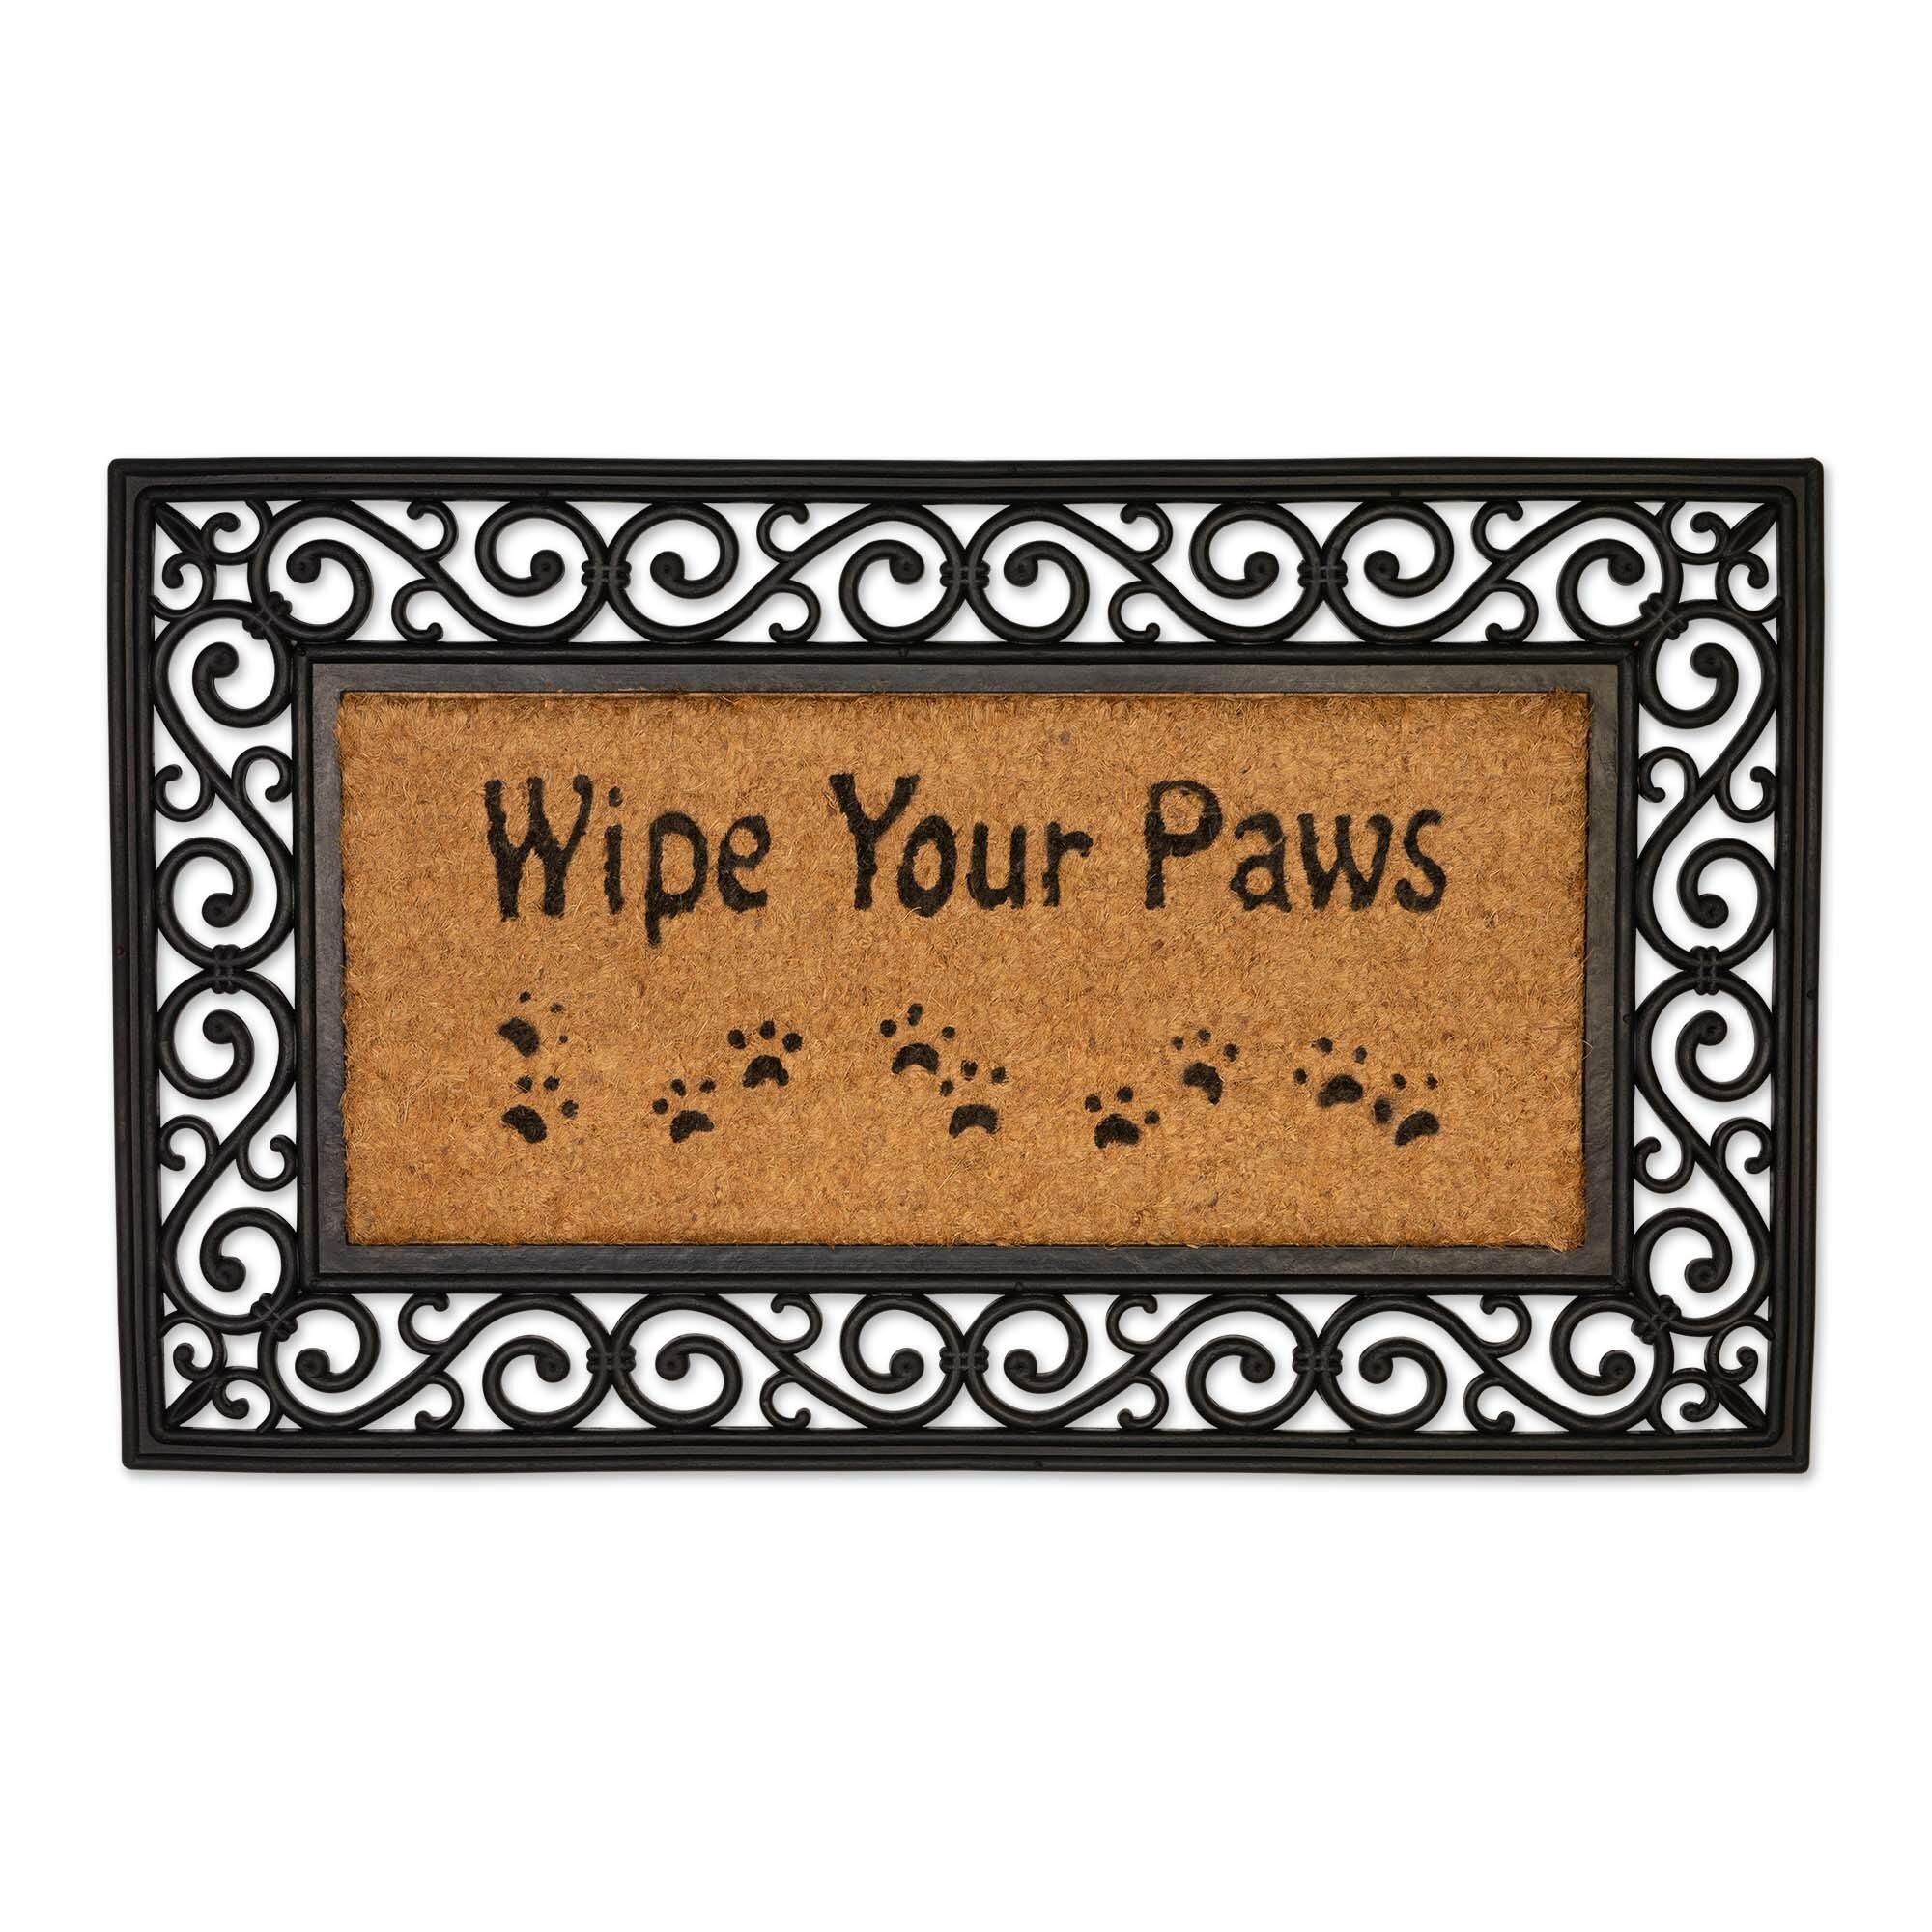 Darby Home Co Raci Wipe Your Paws Non Slip Outdoor Door Mat Wayfair Ca